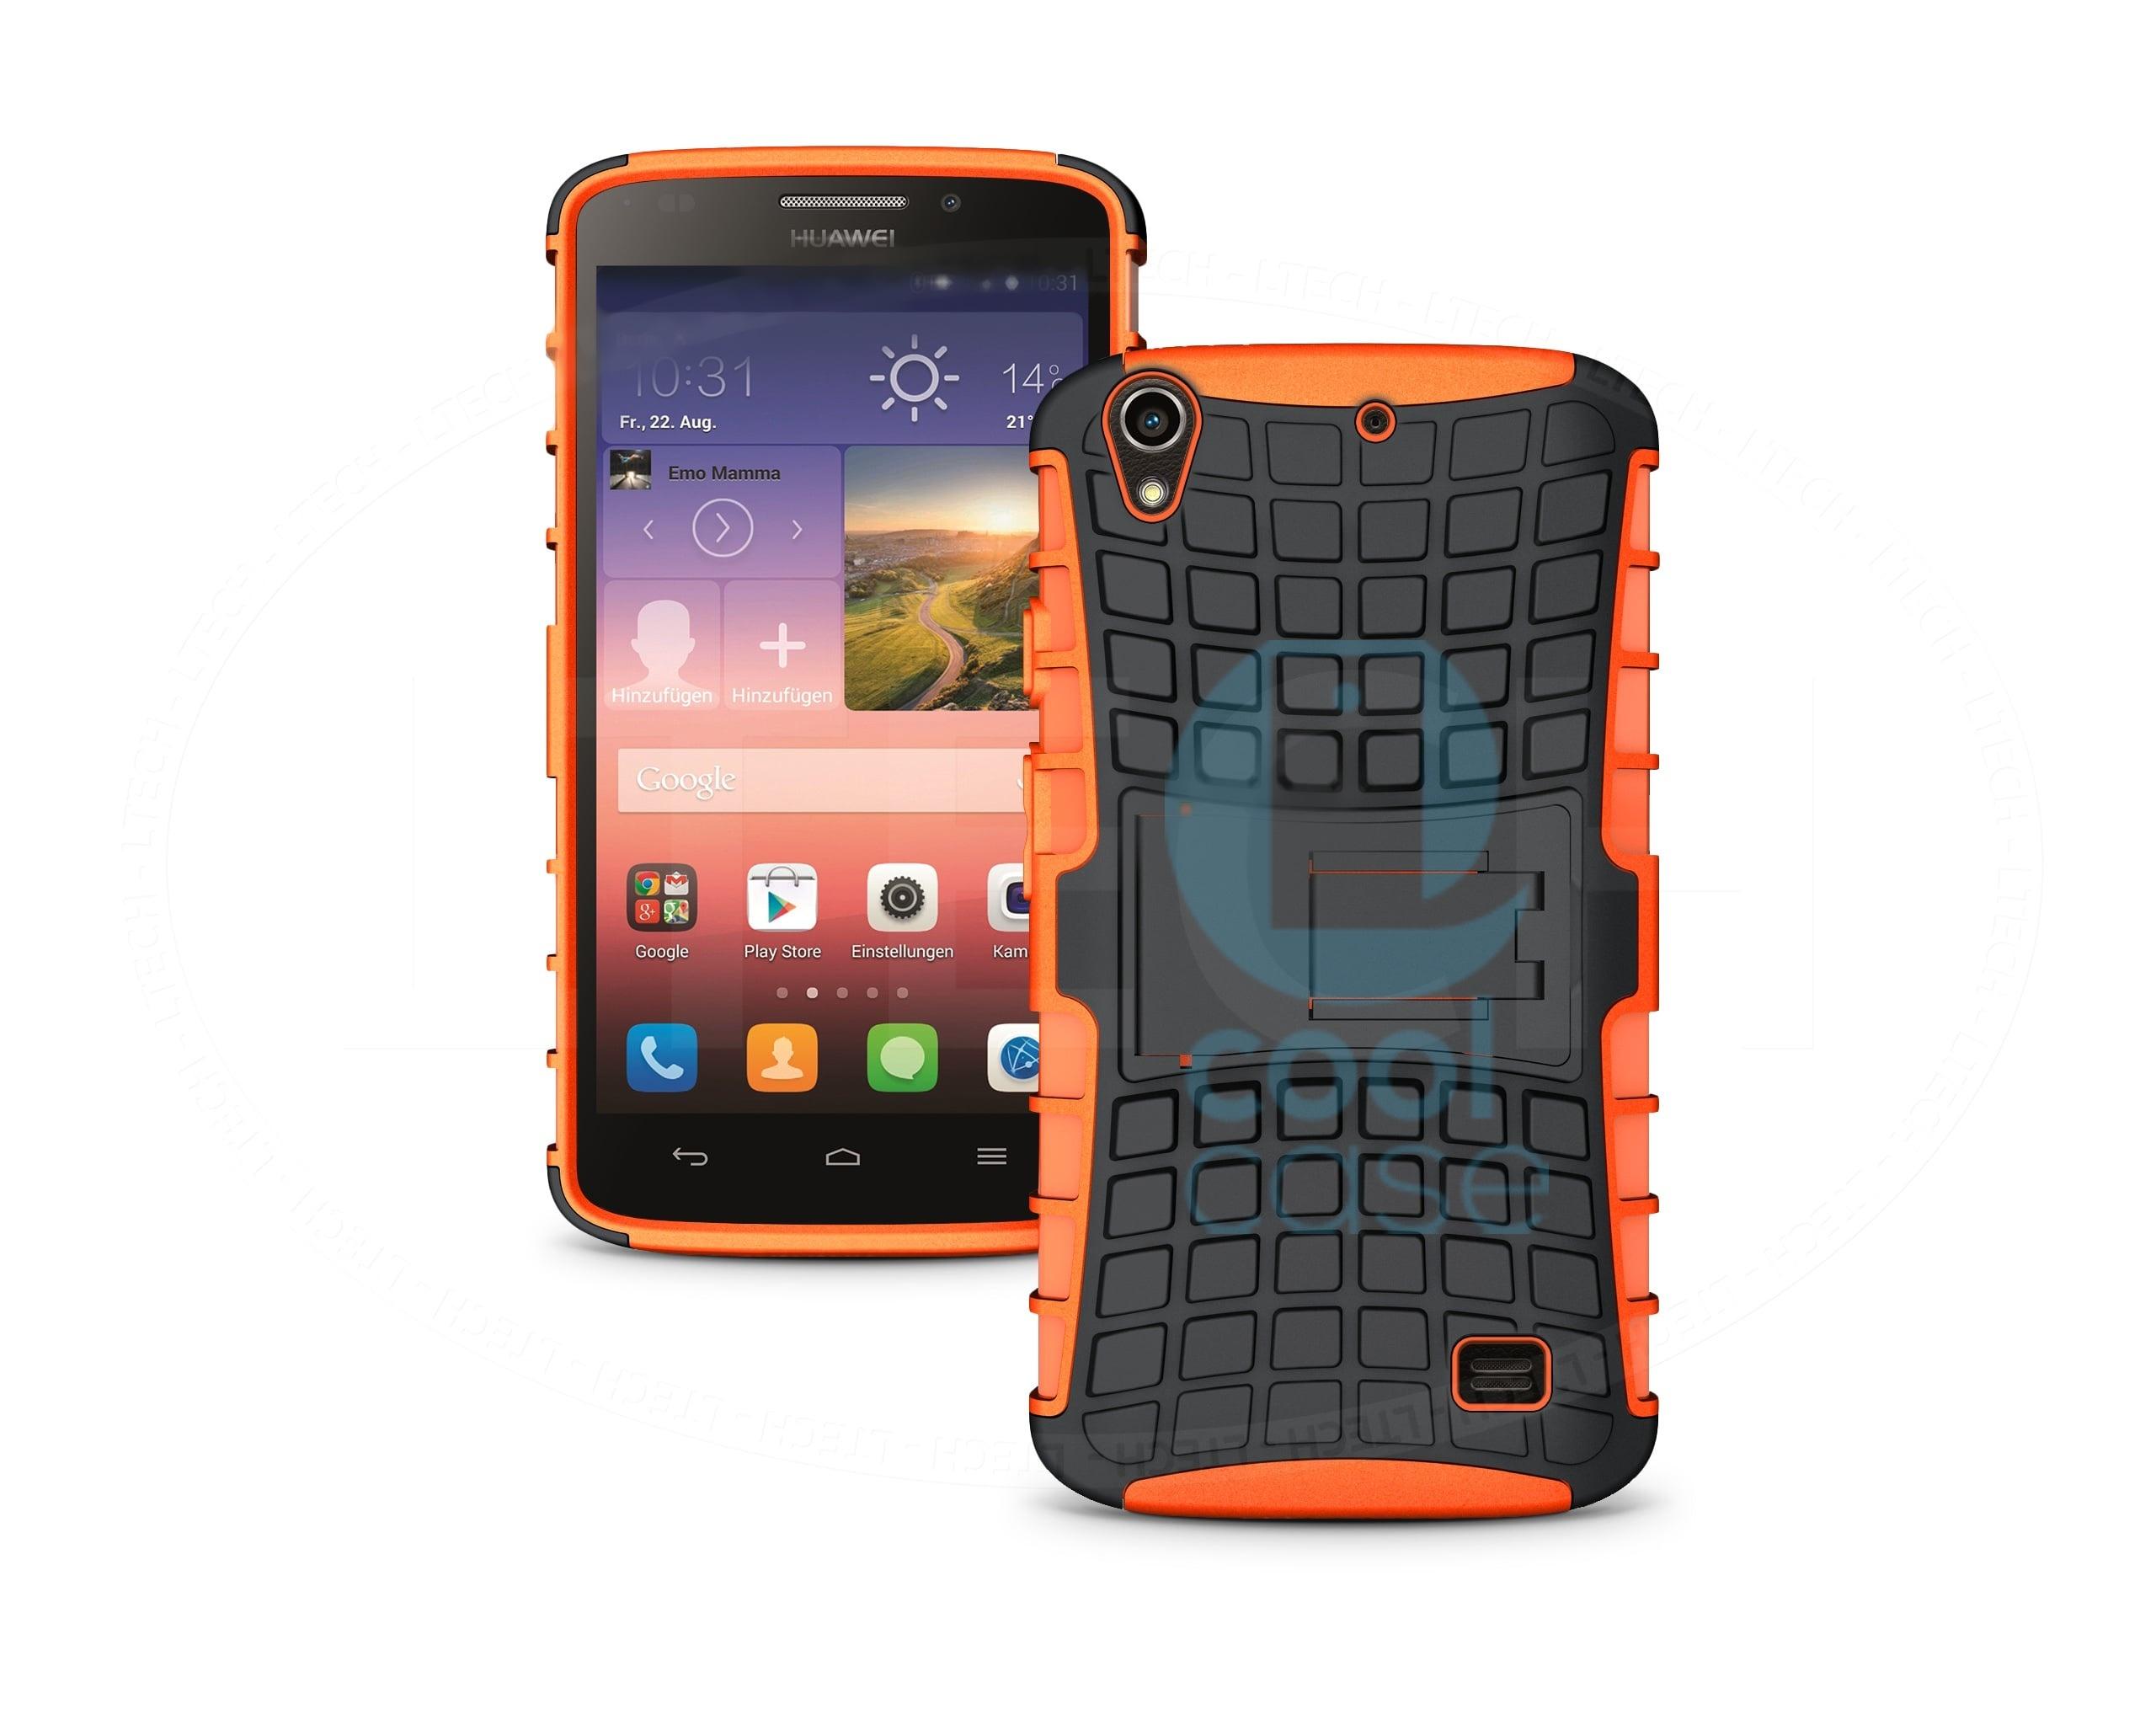 Odolné pouzdro PANZER CASE na mobilní telefon Huawei Ascend G620s Oranžové (Odolný kryt či obal na mobil Huawei Ascend G620s Lite se stojánkem)